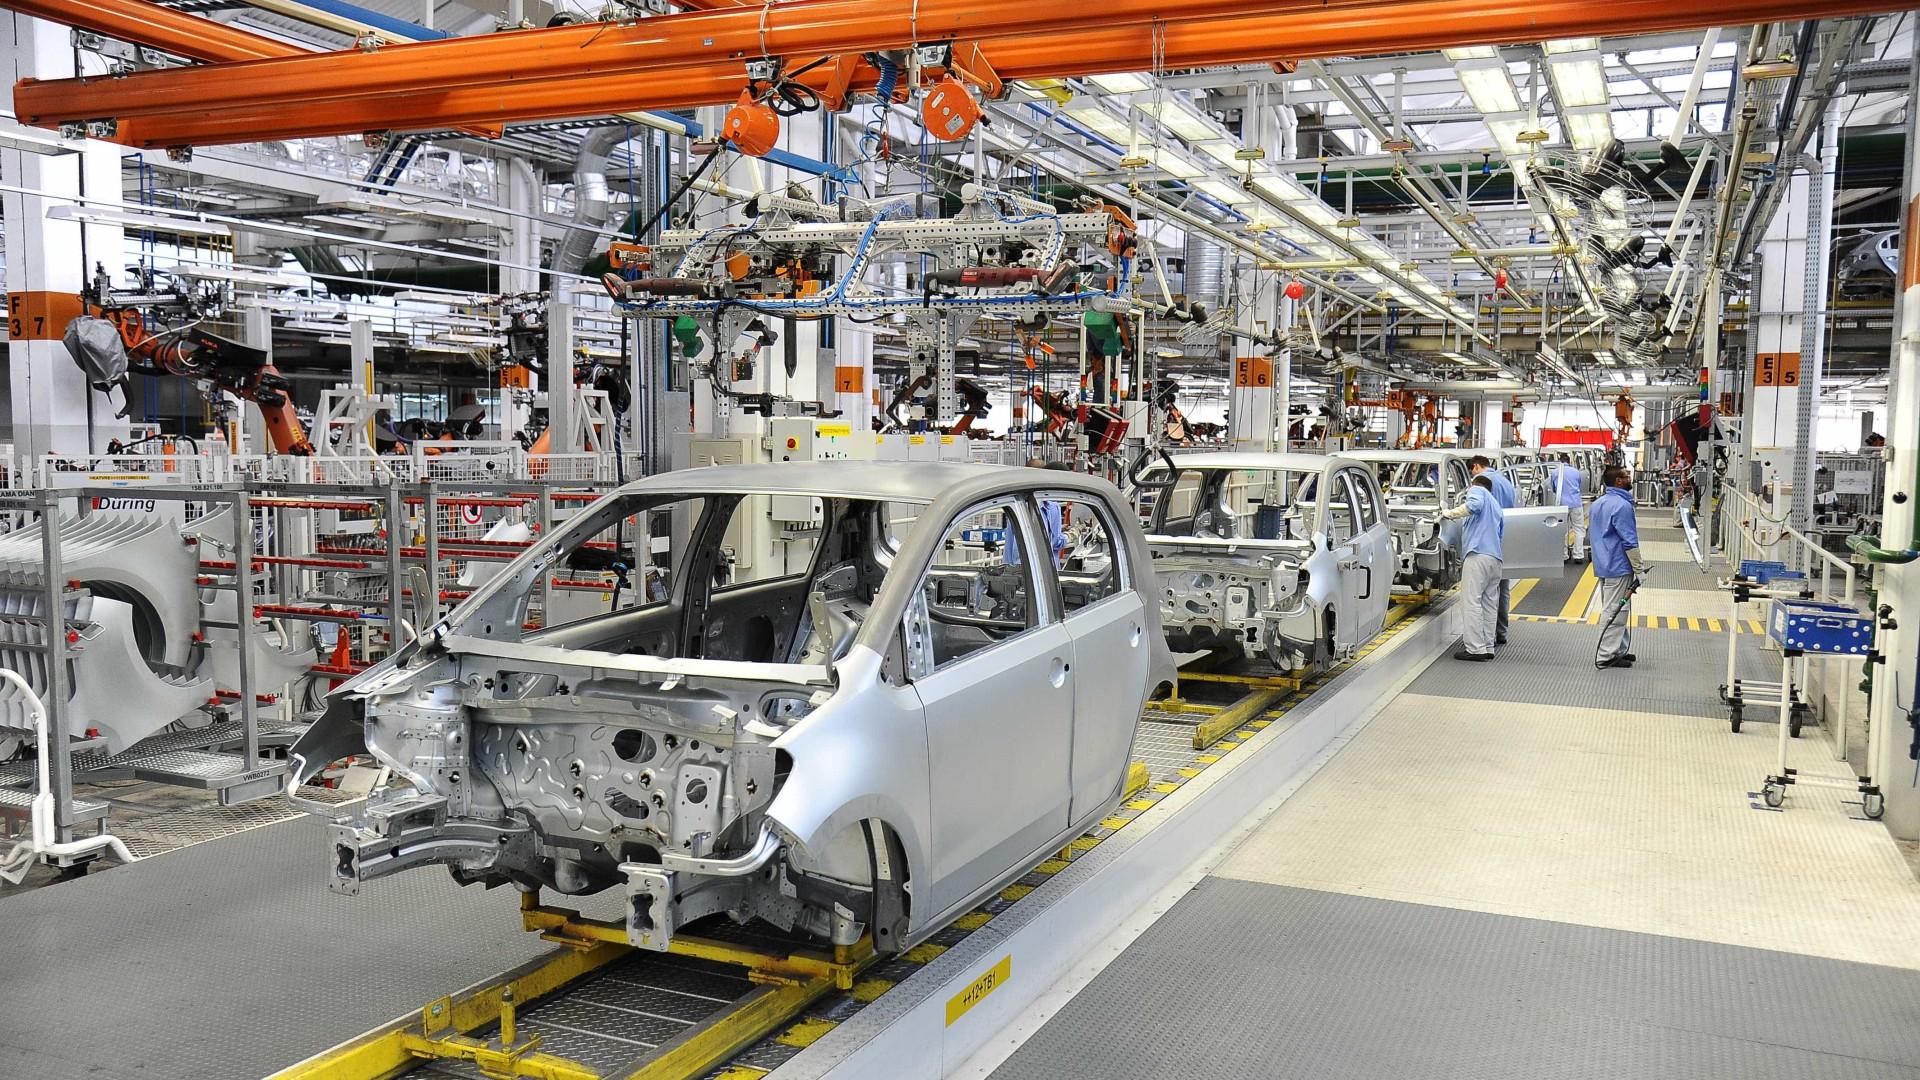 Produção industrial cresce 0,2% em outubro, após 3 meses de queda